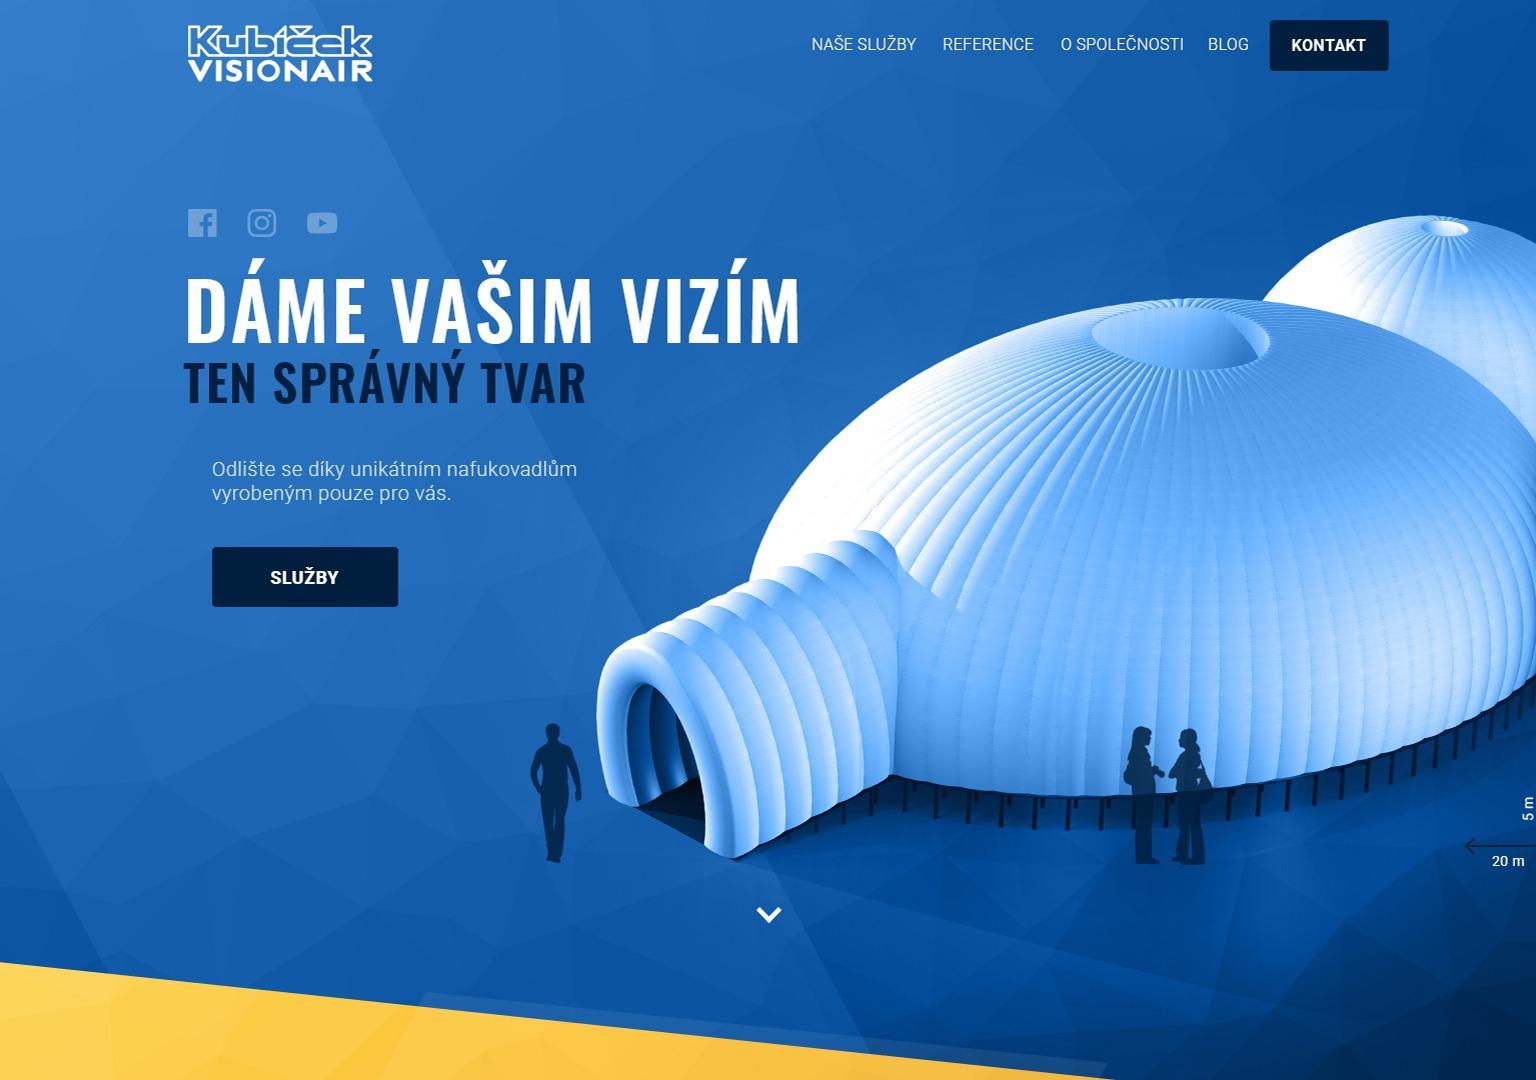 Kubíček Visionair web náhled